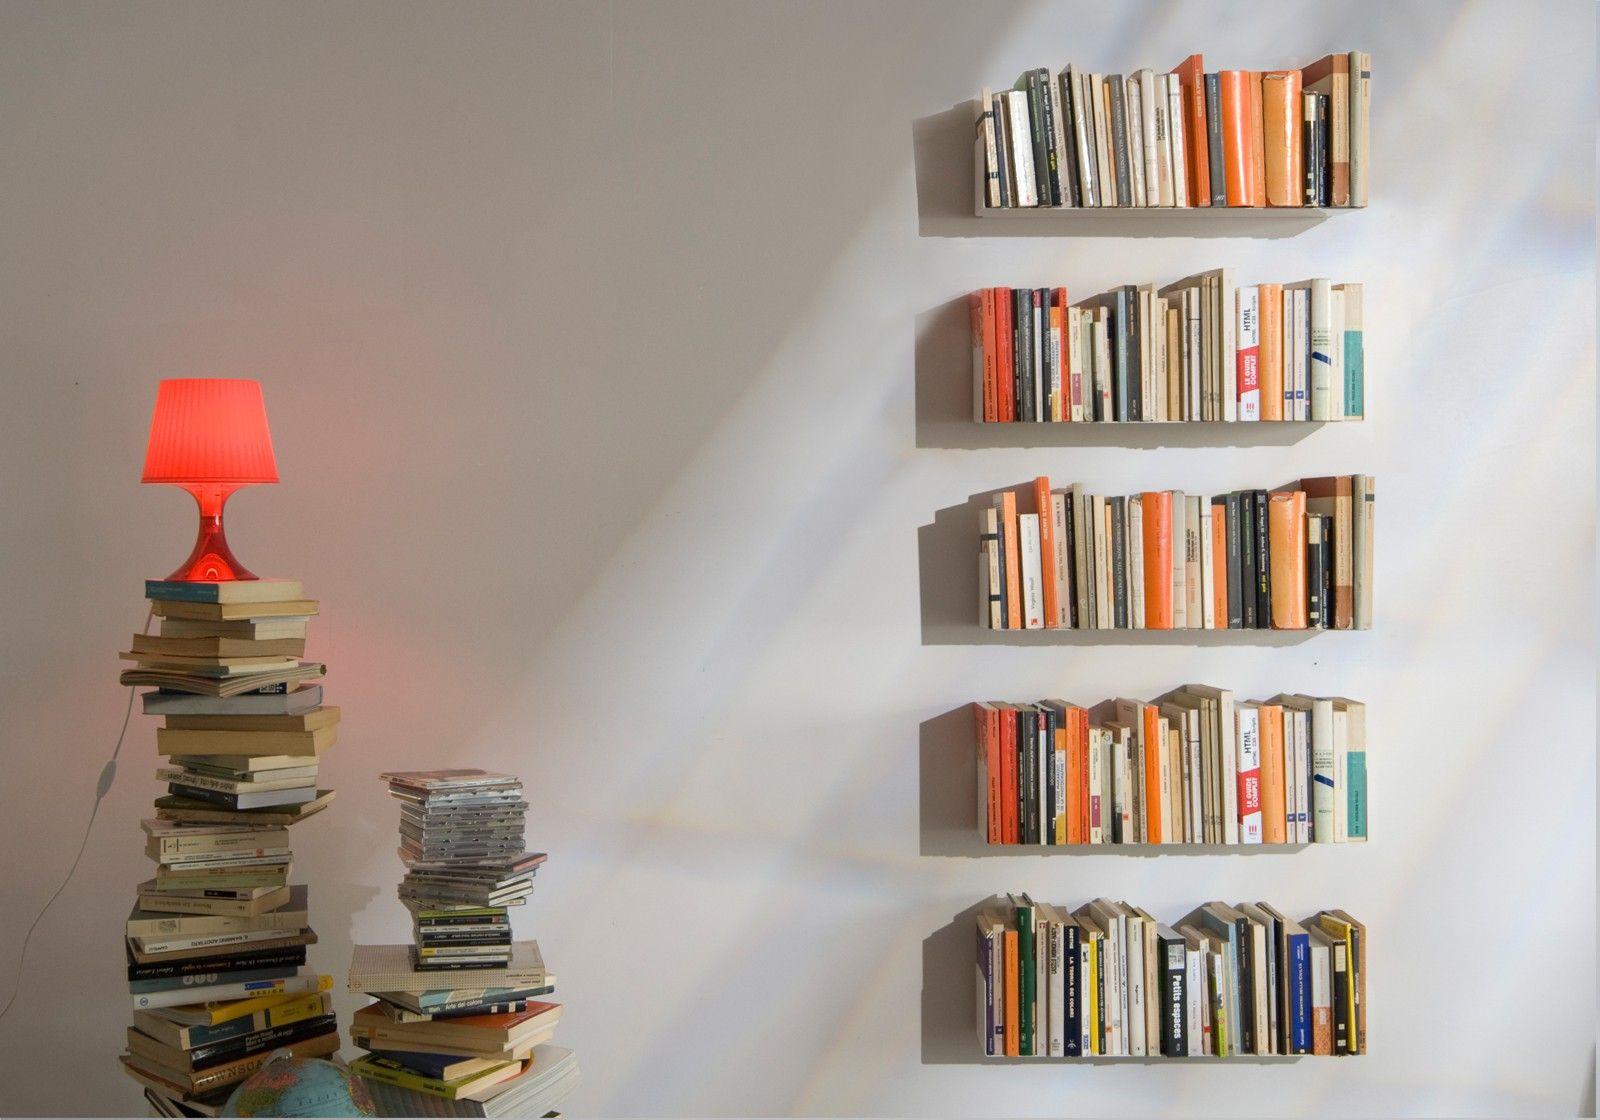 Bücher Regale bücherregale judd